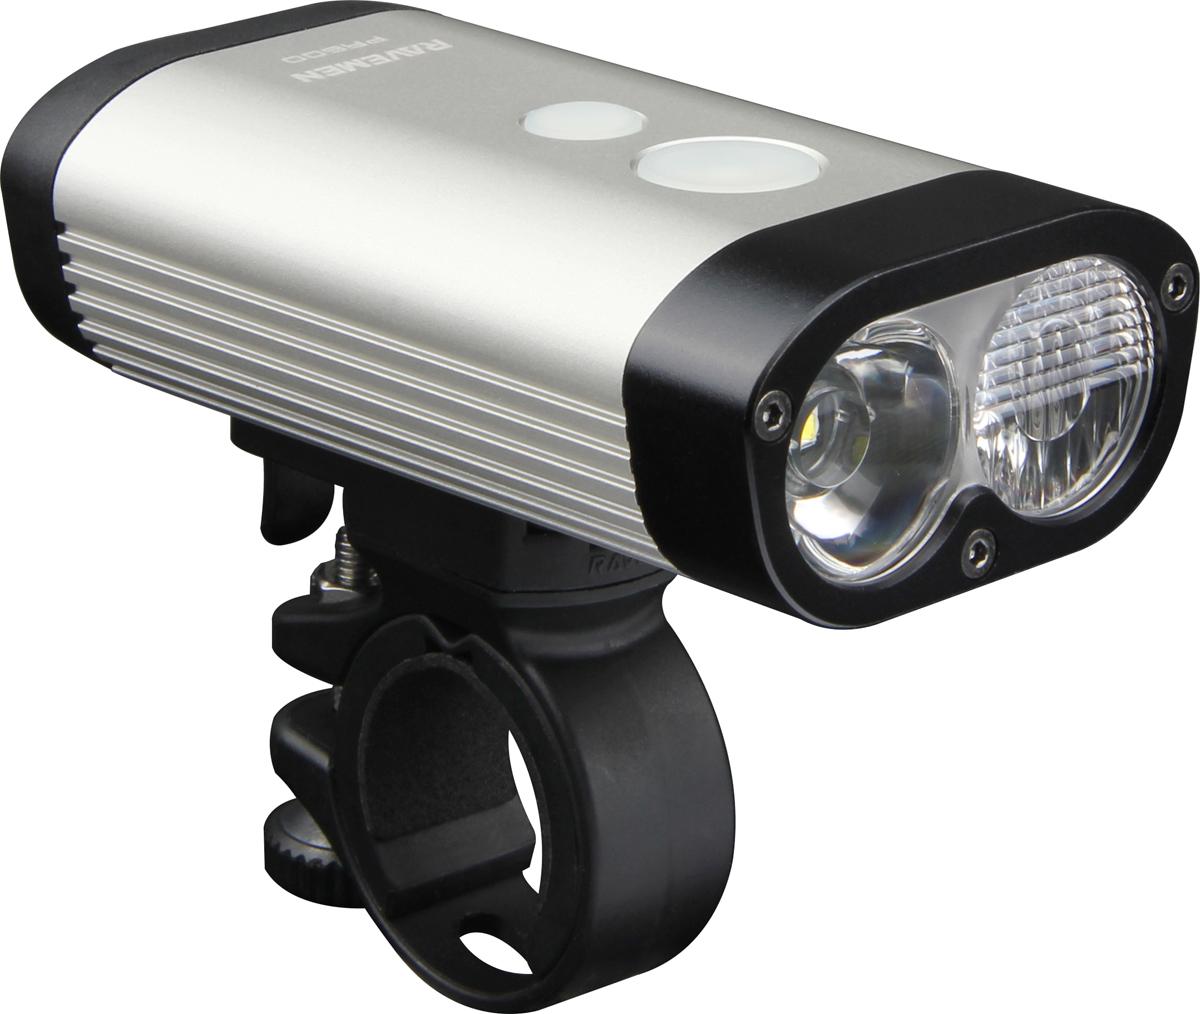 Ravemen PR600 Rechargeable Front Light